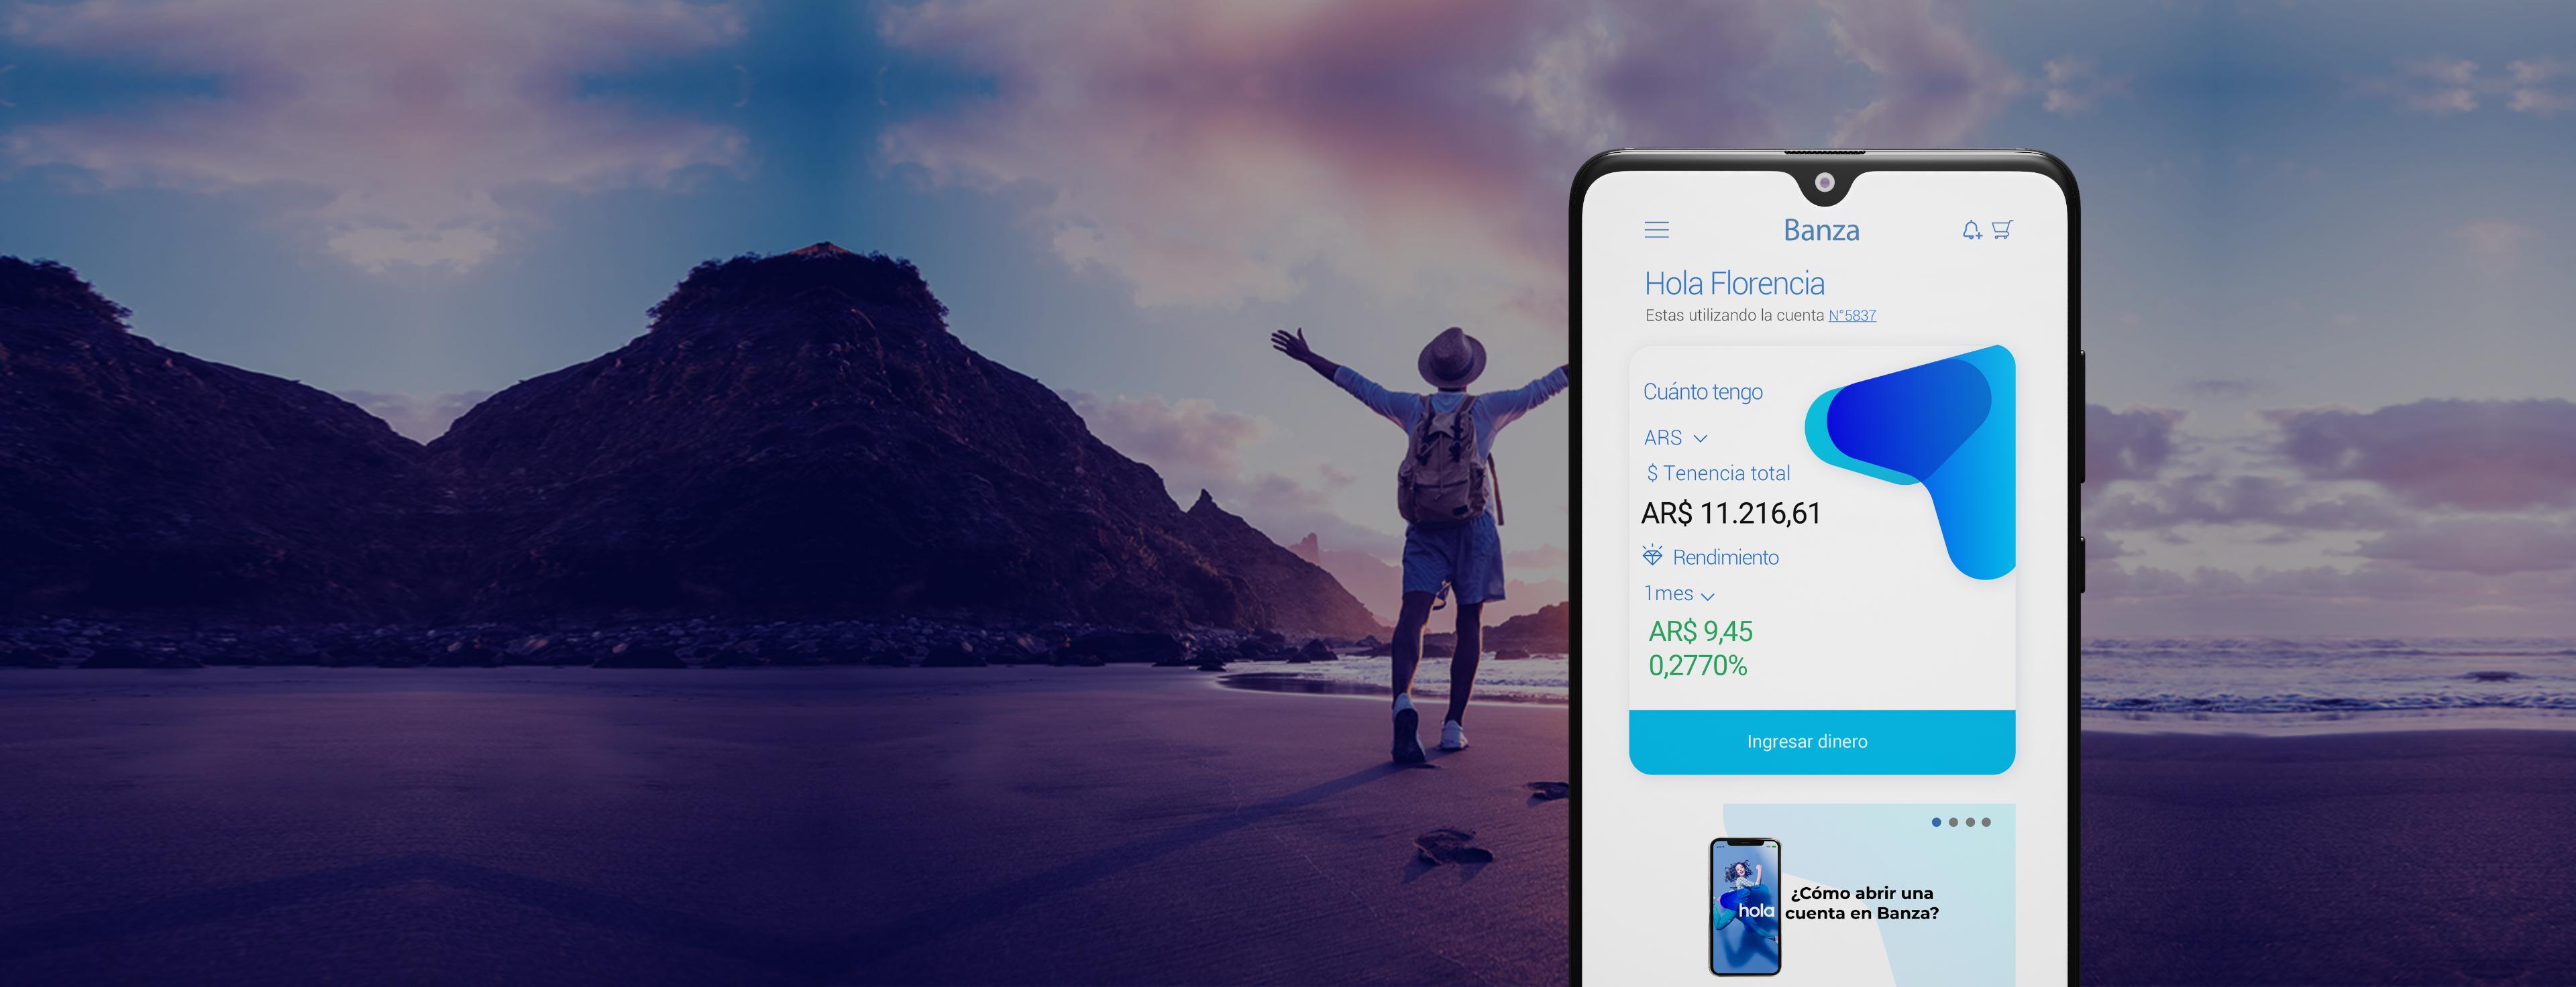 Revoluciona tu forma de ahorrar dinero e invertir online en Banza